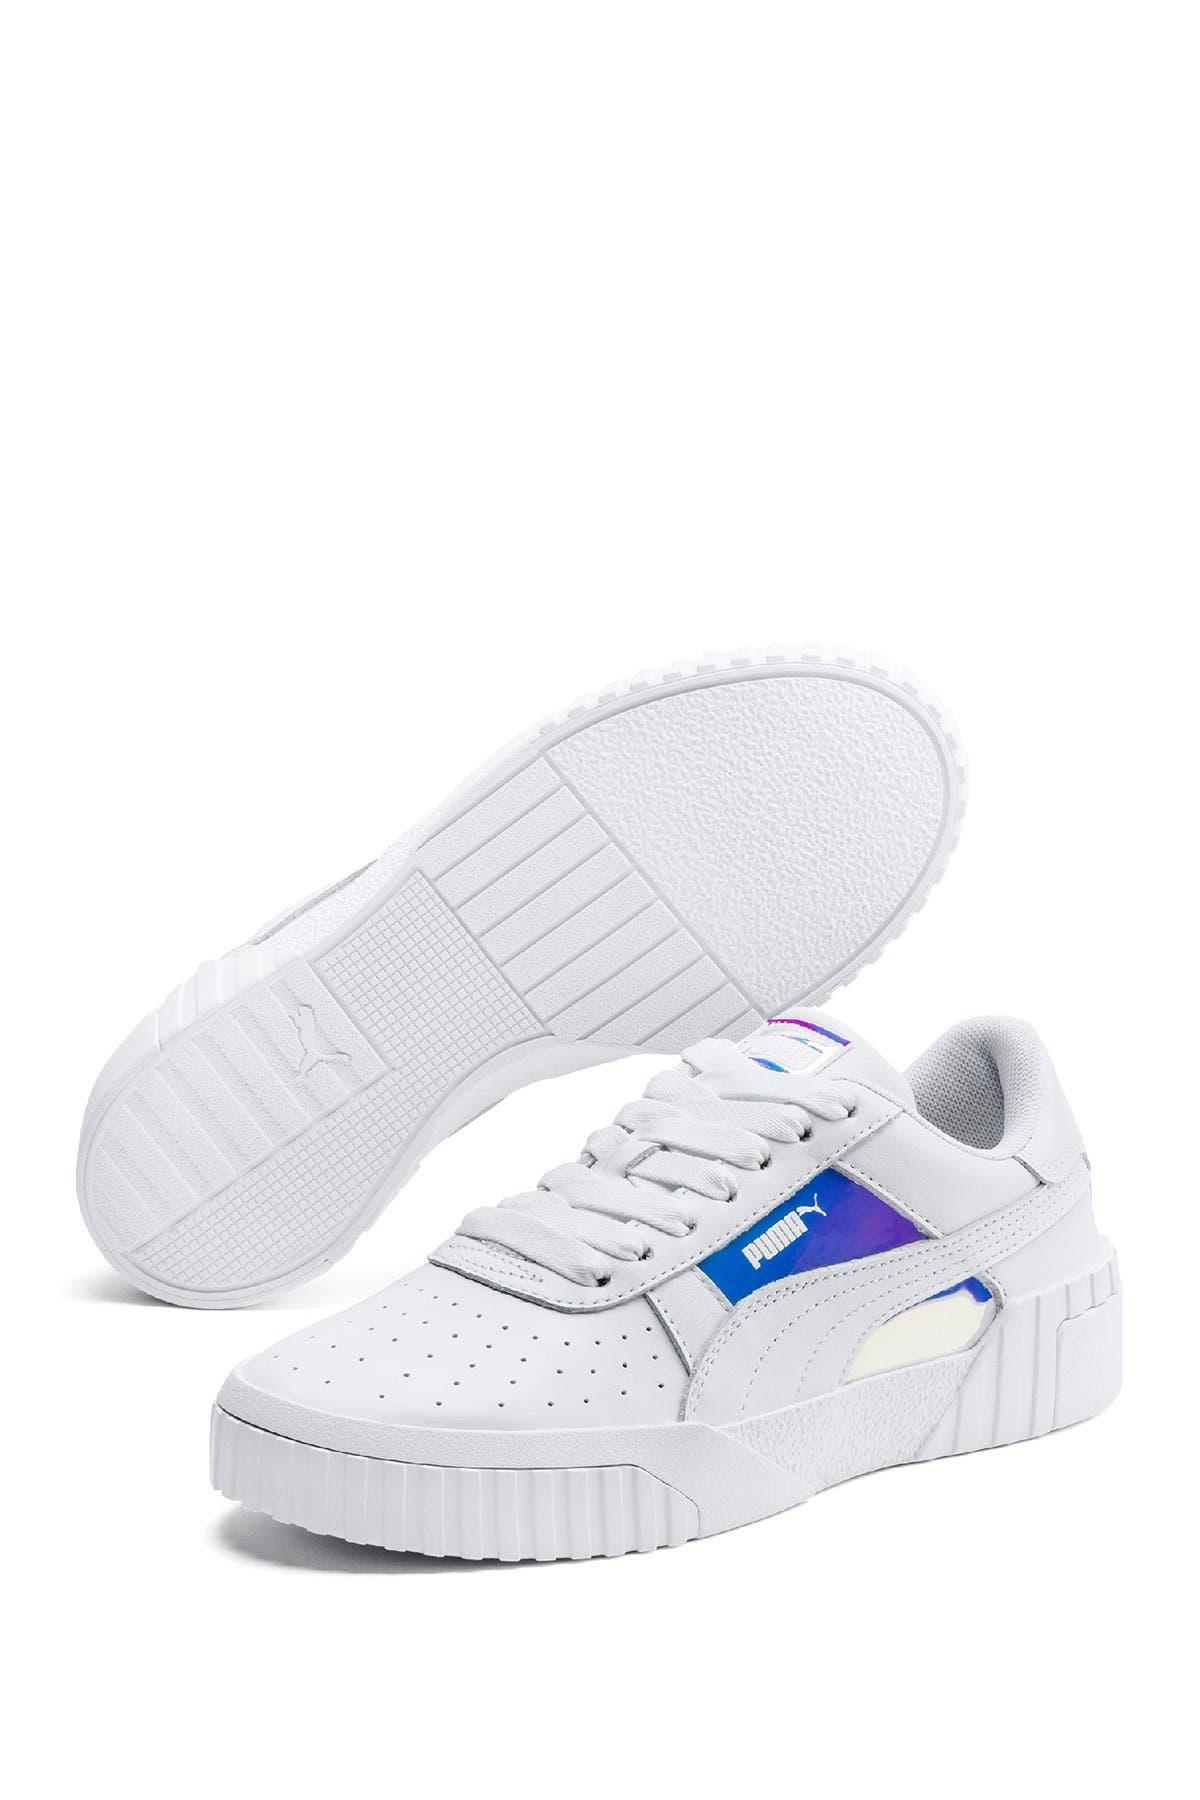 PUMA | Cali Glow Low Top Sneaker